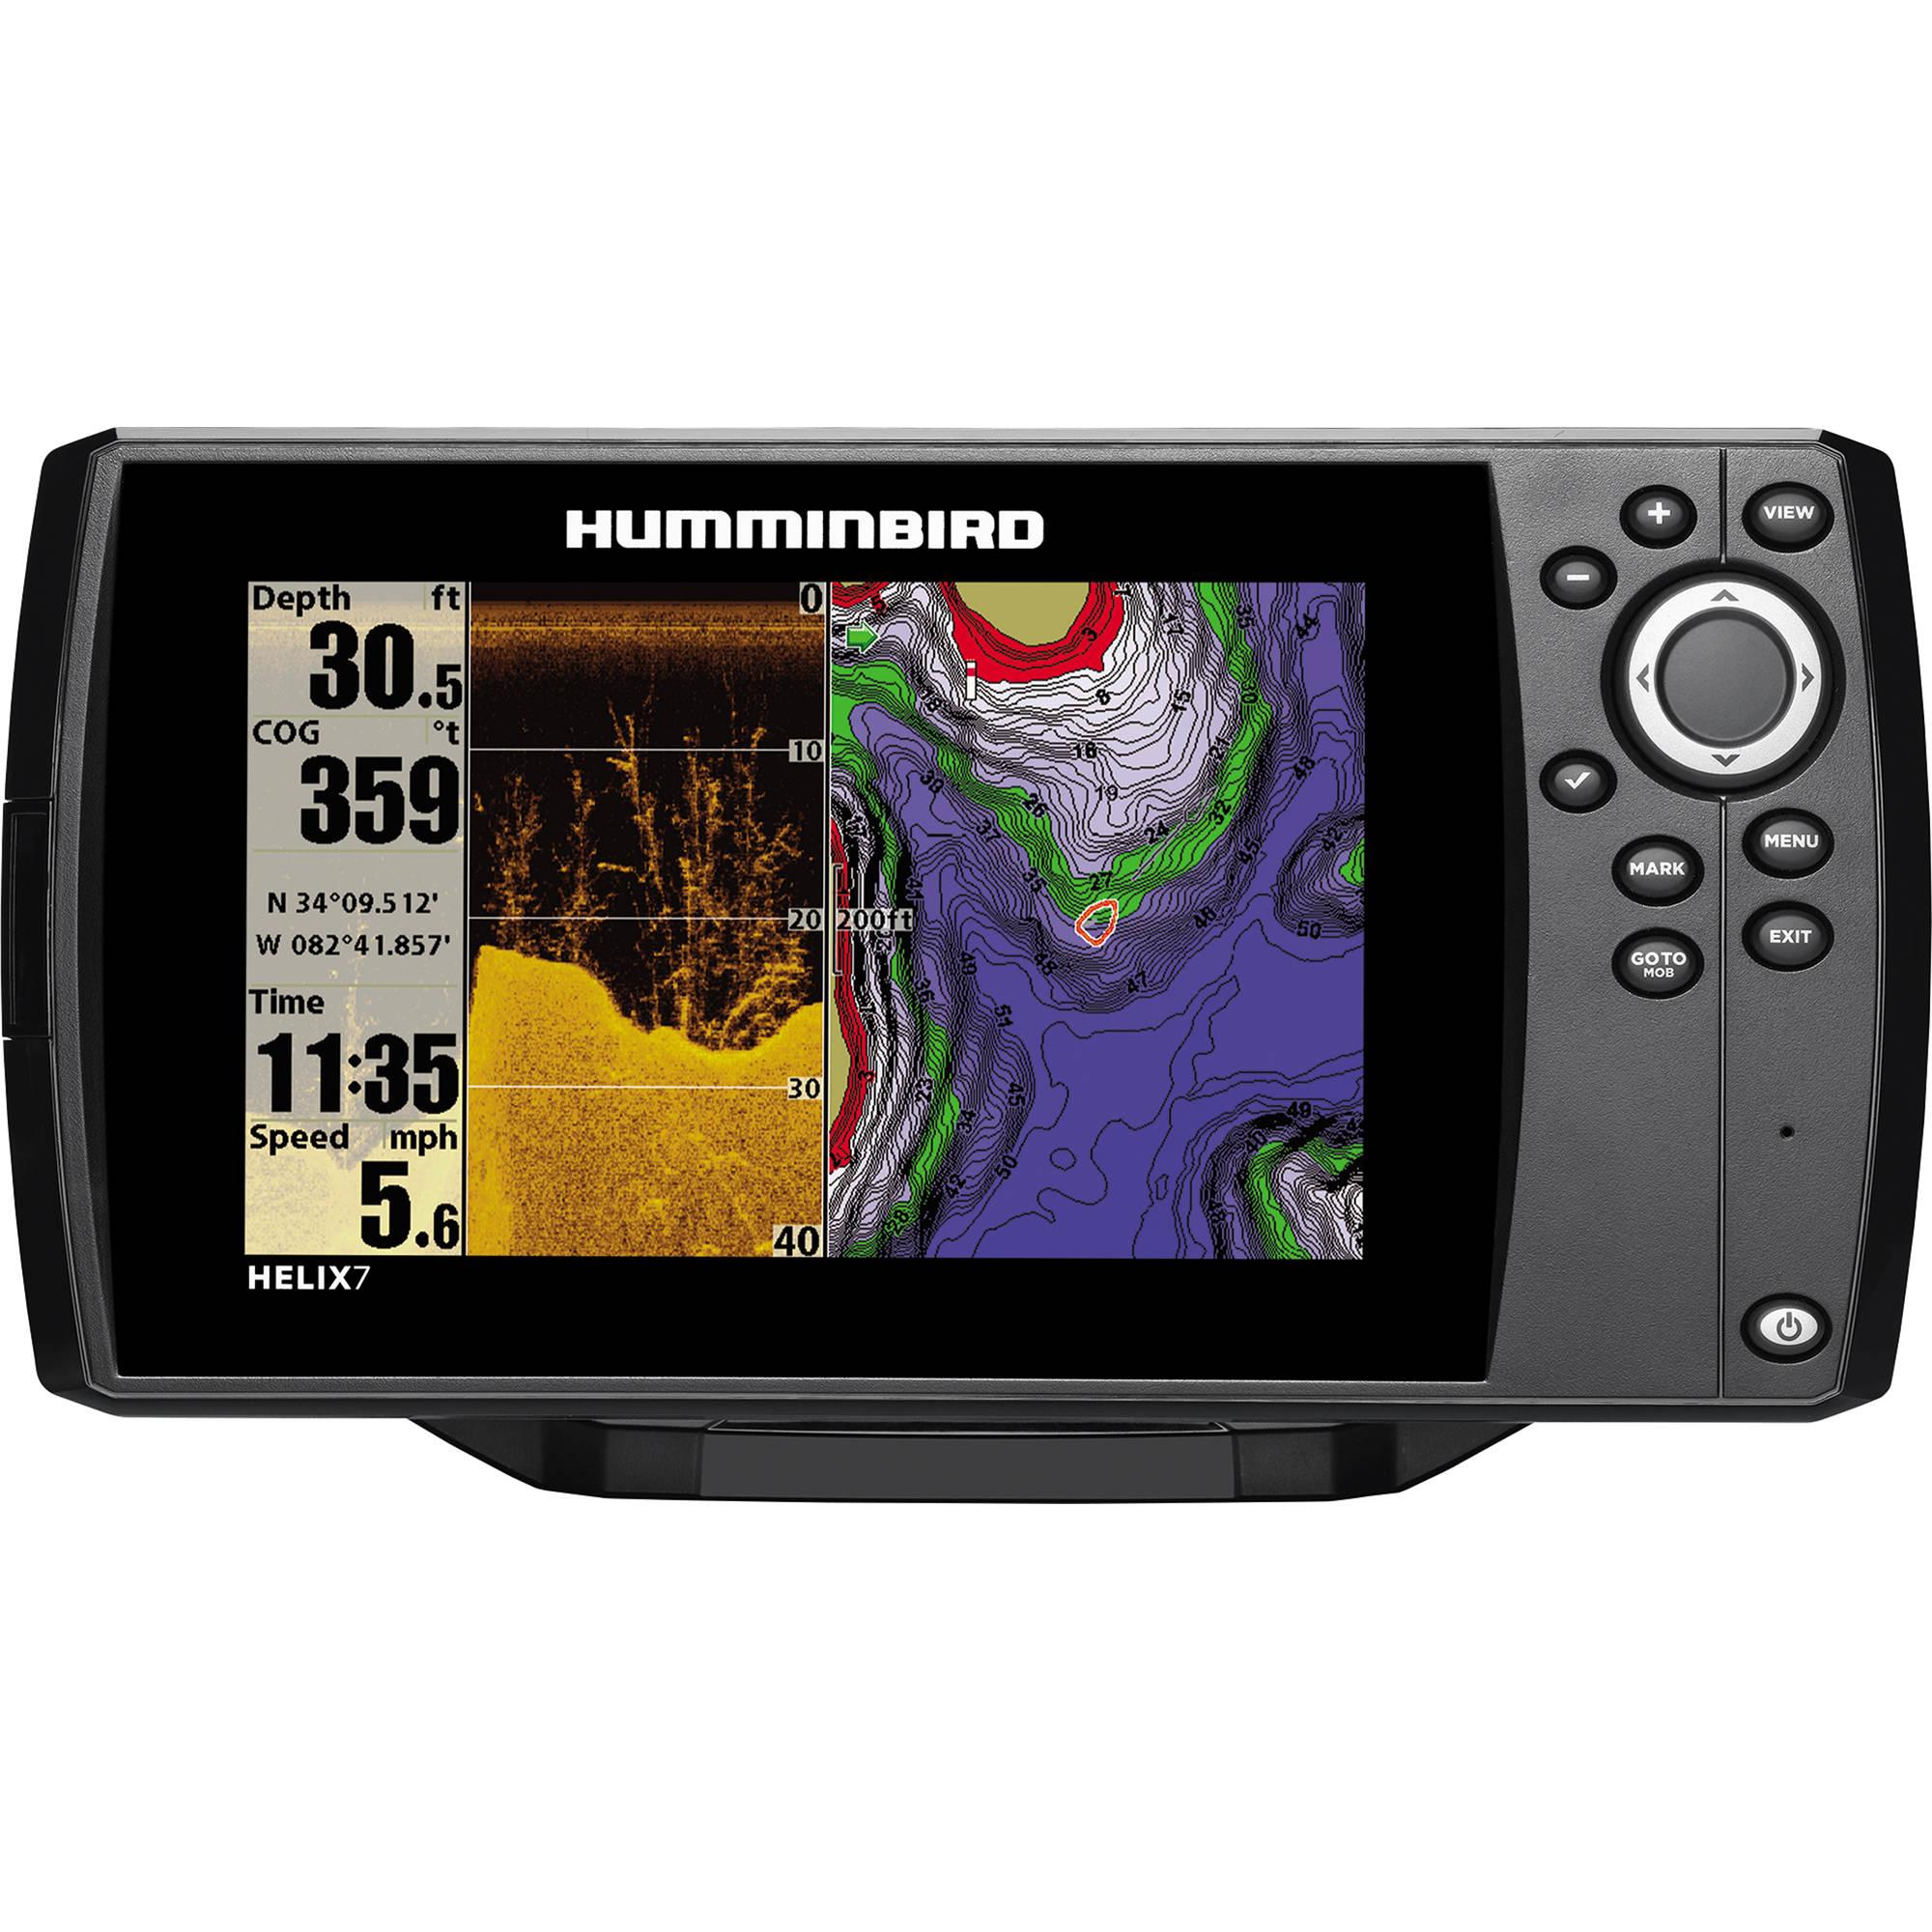 Humminbird Helix 7 DI GPS Fishfinder